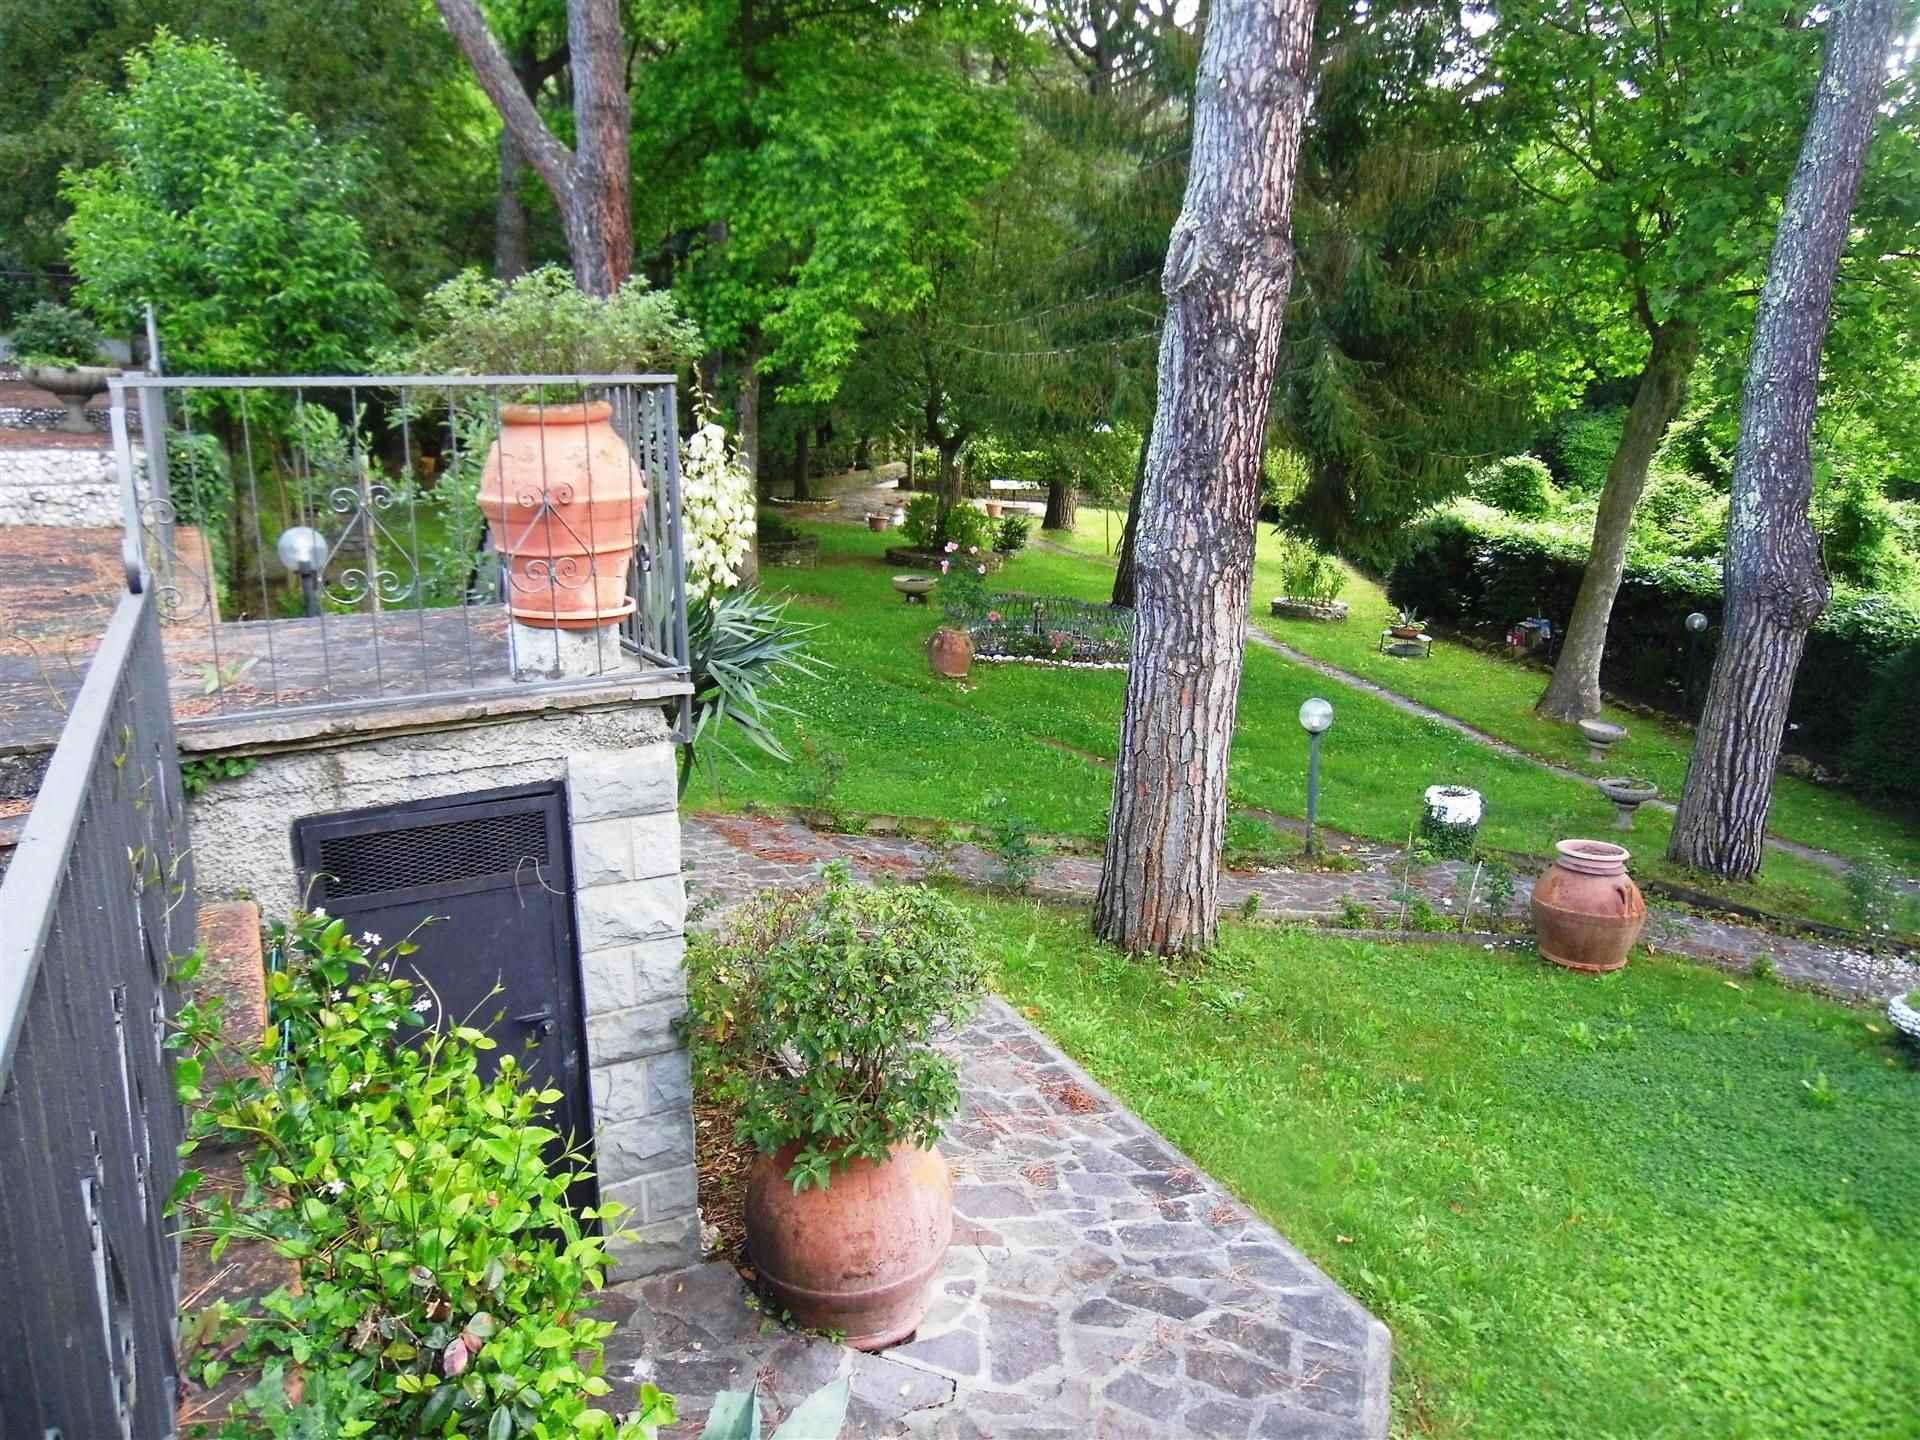 giardino con alberi di alto fusto